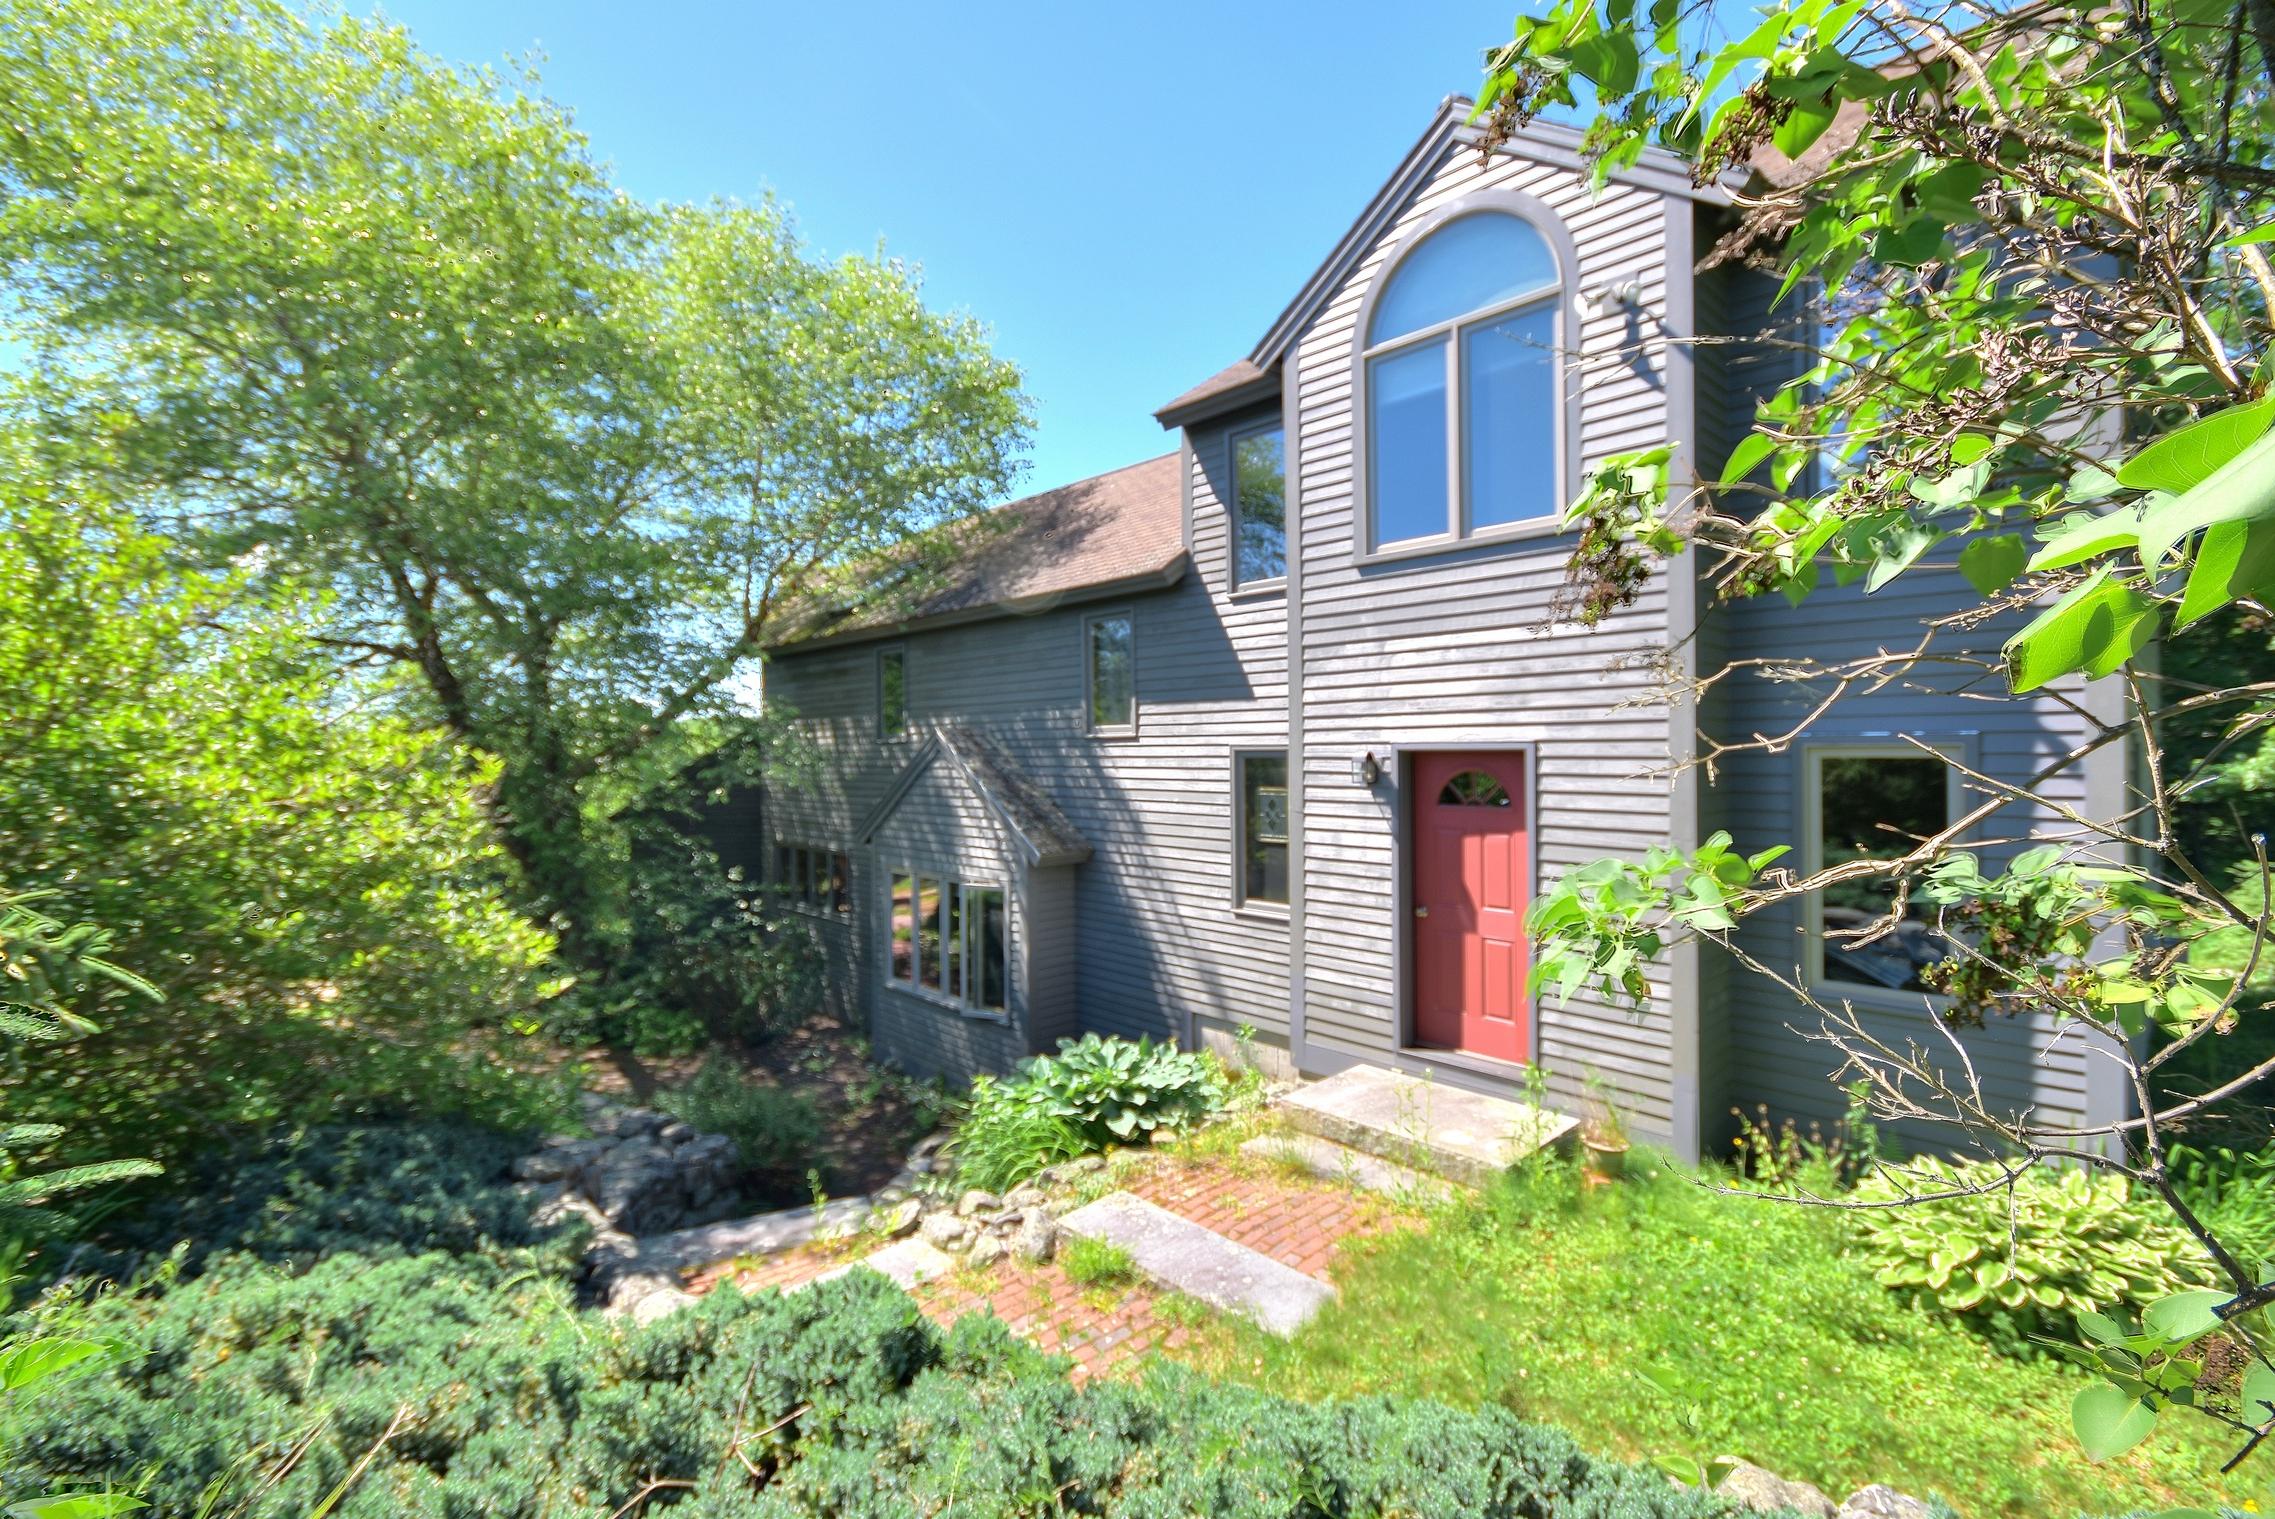 Maison unifamiliale pour l Vente à 41 Rogers Road, Gilmanton 41 Rogers Rd Gilmanton, New Hampshire, 03237 États-Unis